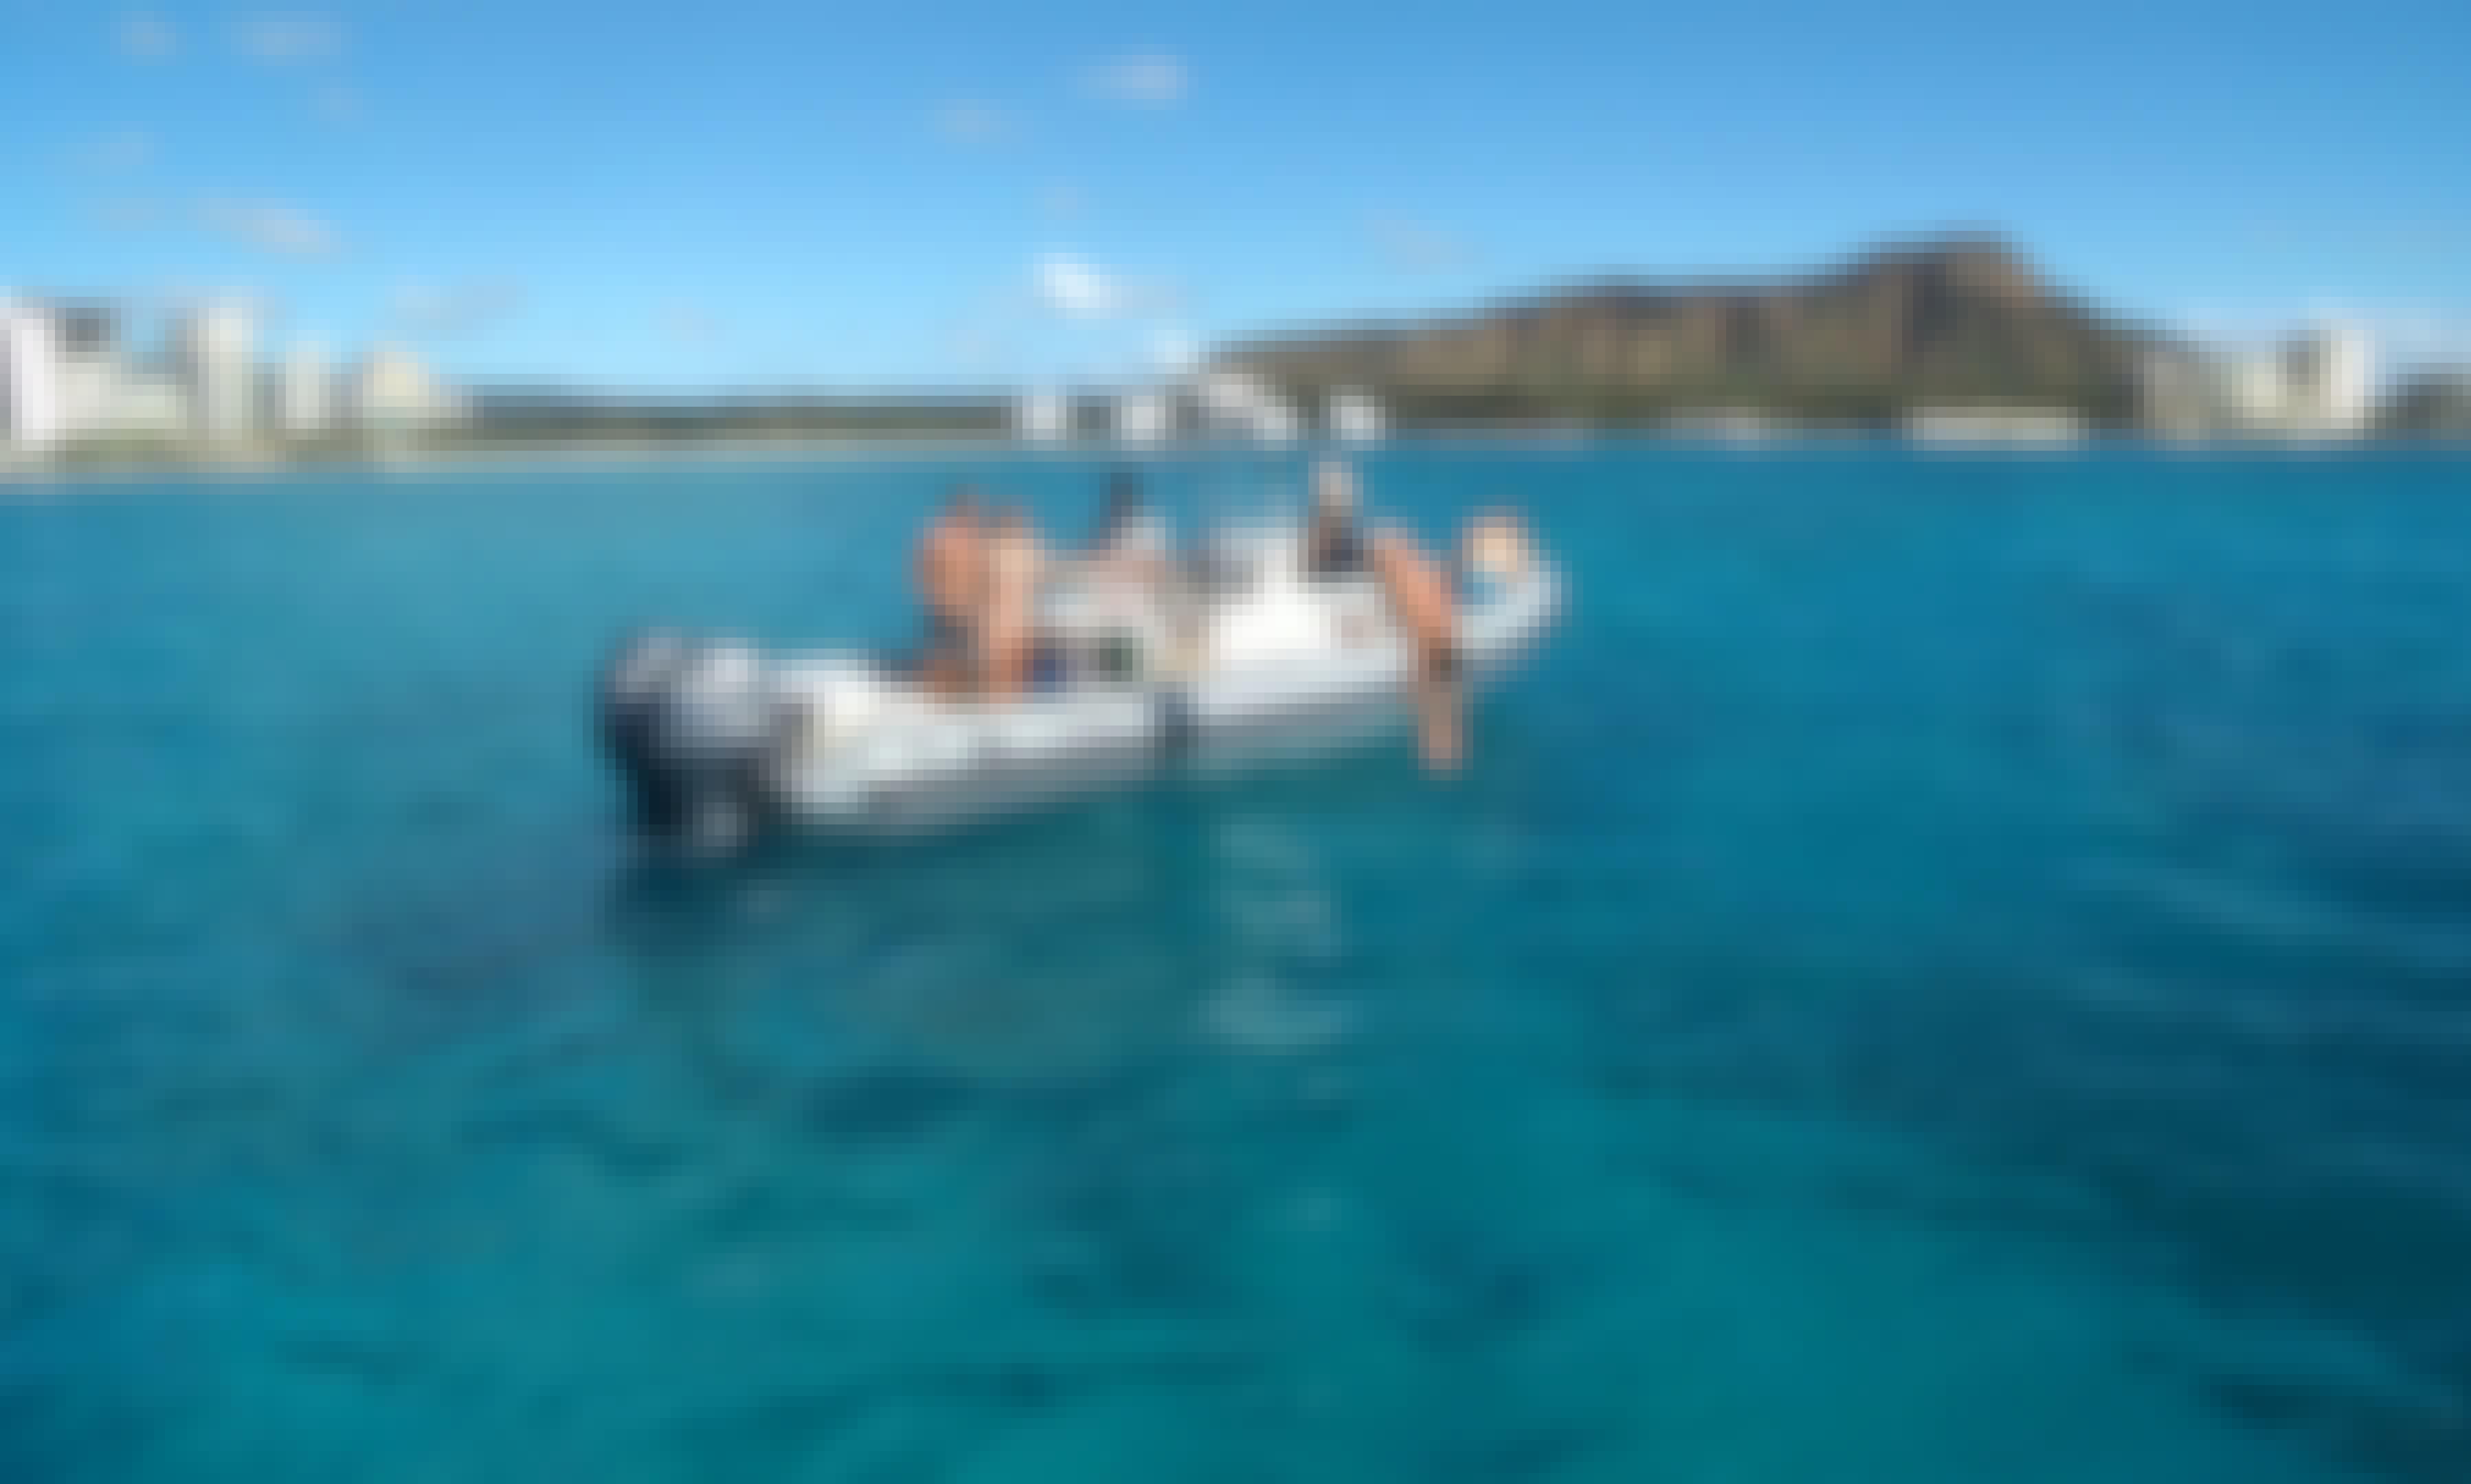 Boat Adventure Tour in Honolulu, Hawaii onboard 30' Zodiac Pro